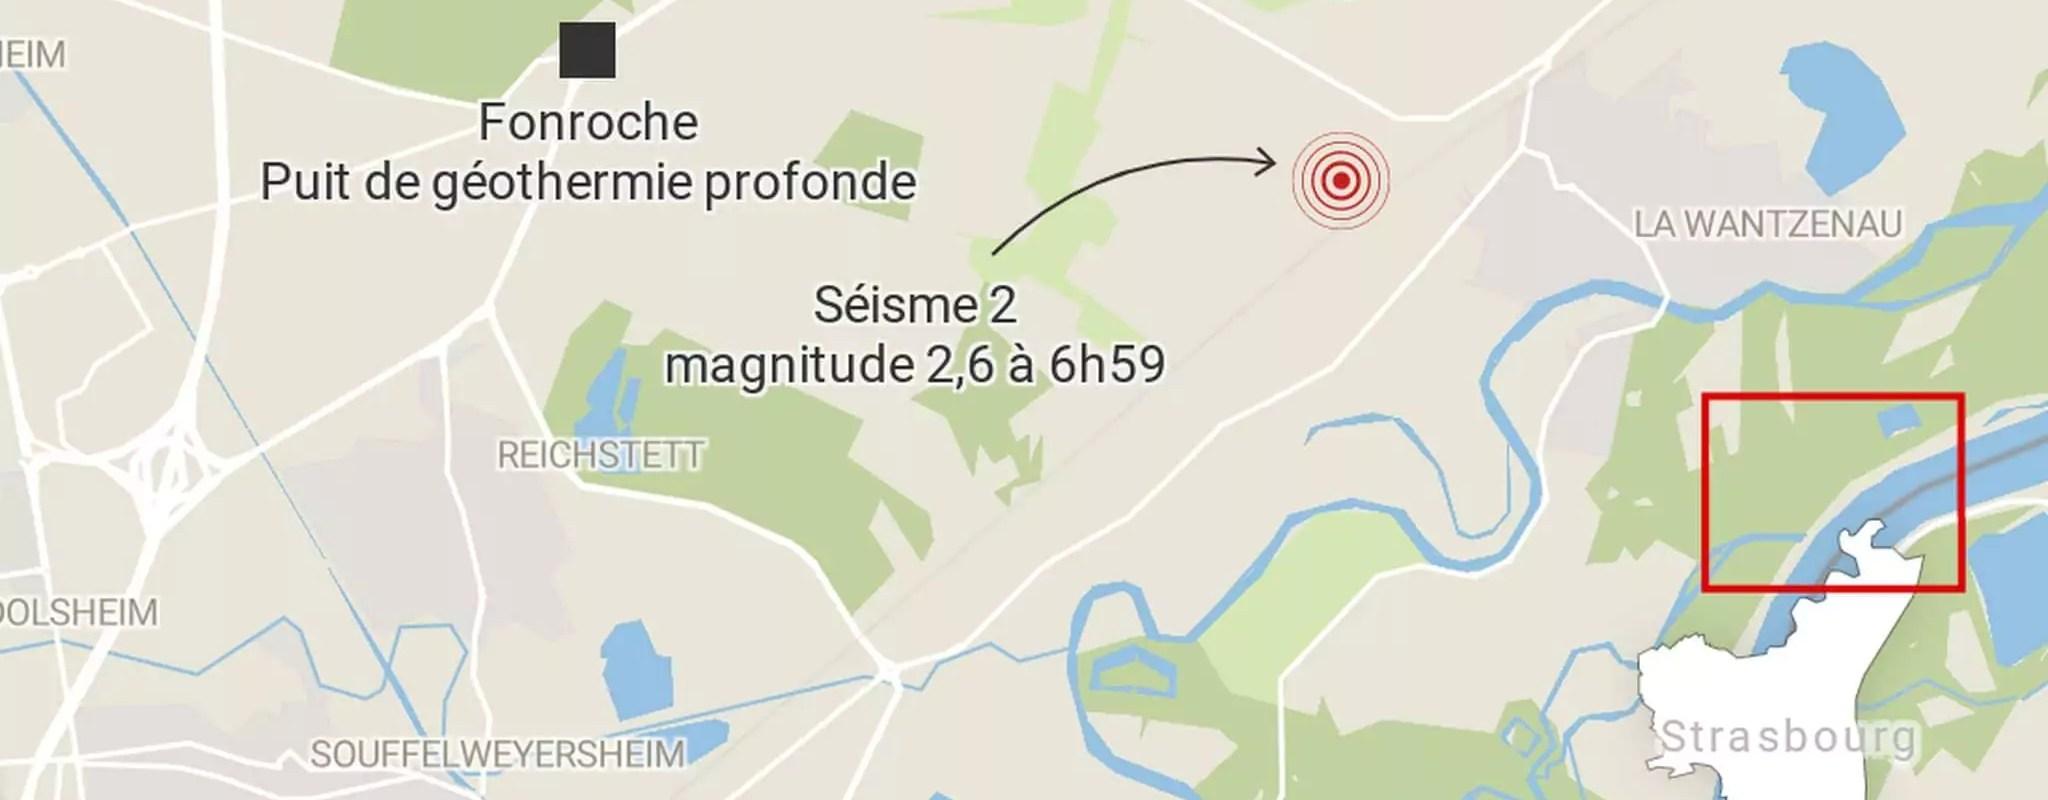 Après trois séismes au nord de Strasbourg, Fonroche annonce un arrêt complet temporaire du puits de géothermie